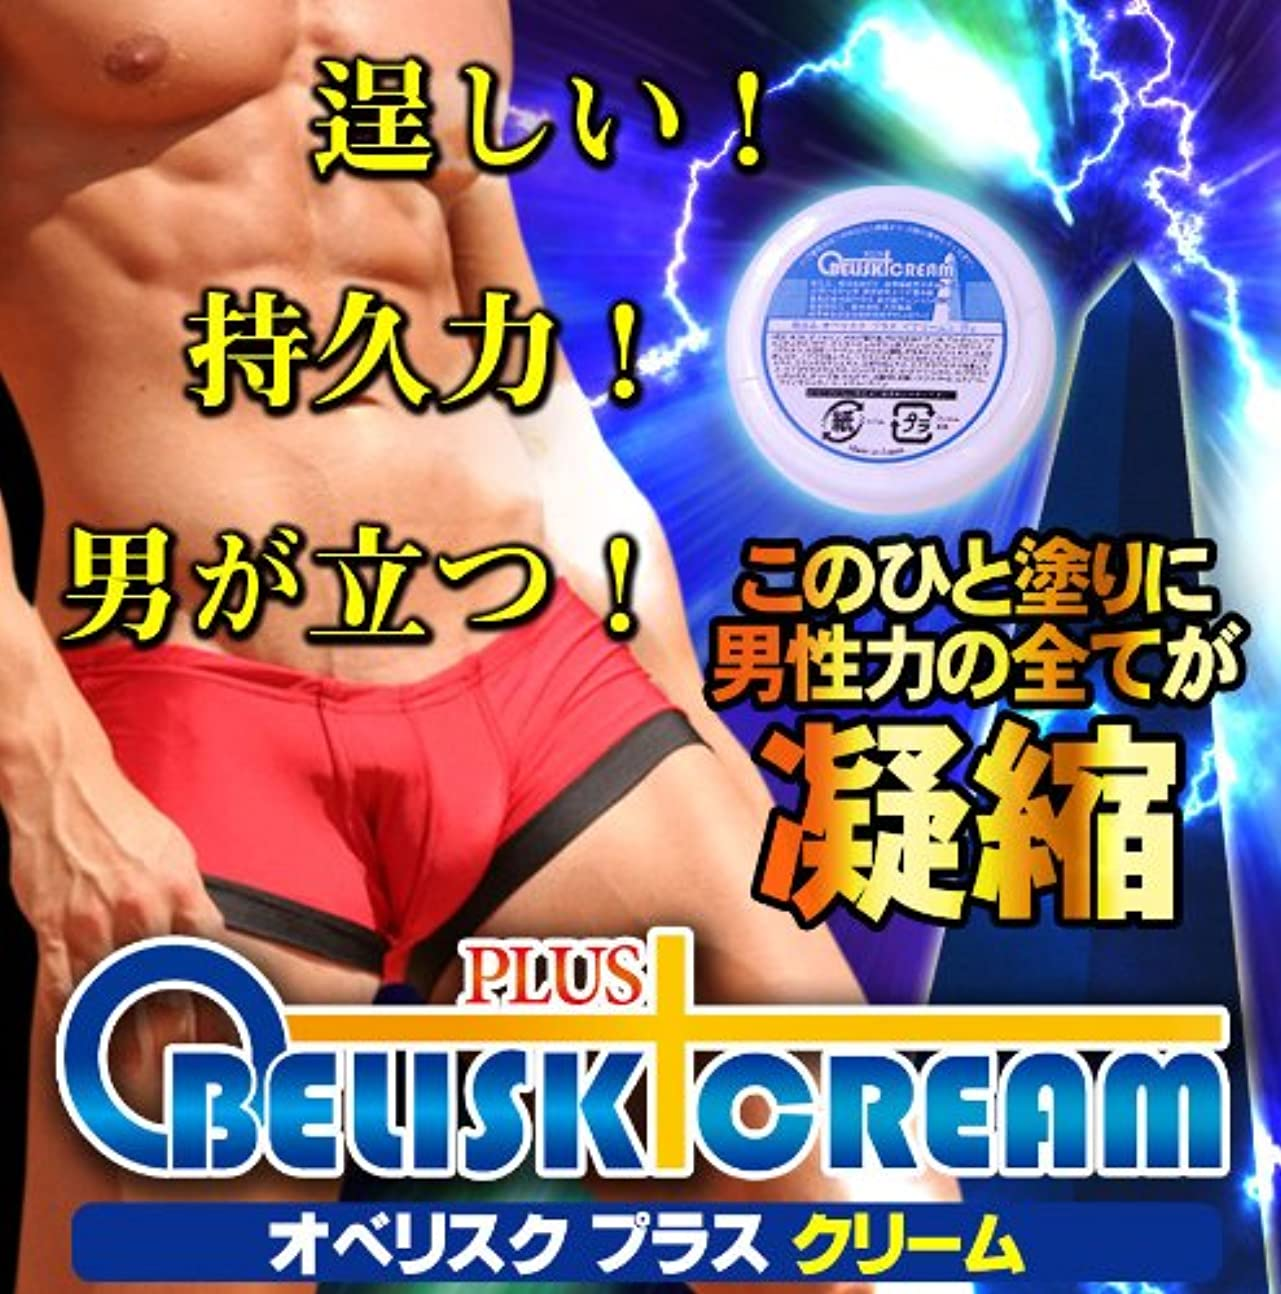 句グレービスケットオベリスクプラスクリーム(男性用持続力コントロールクリーム)